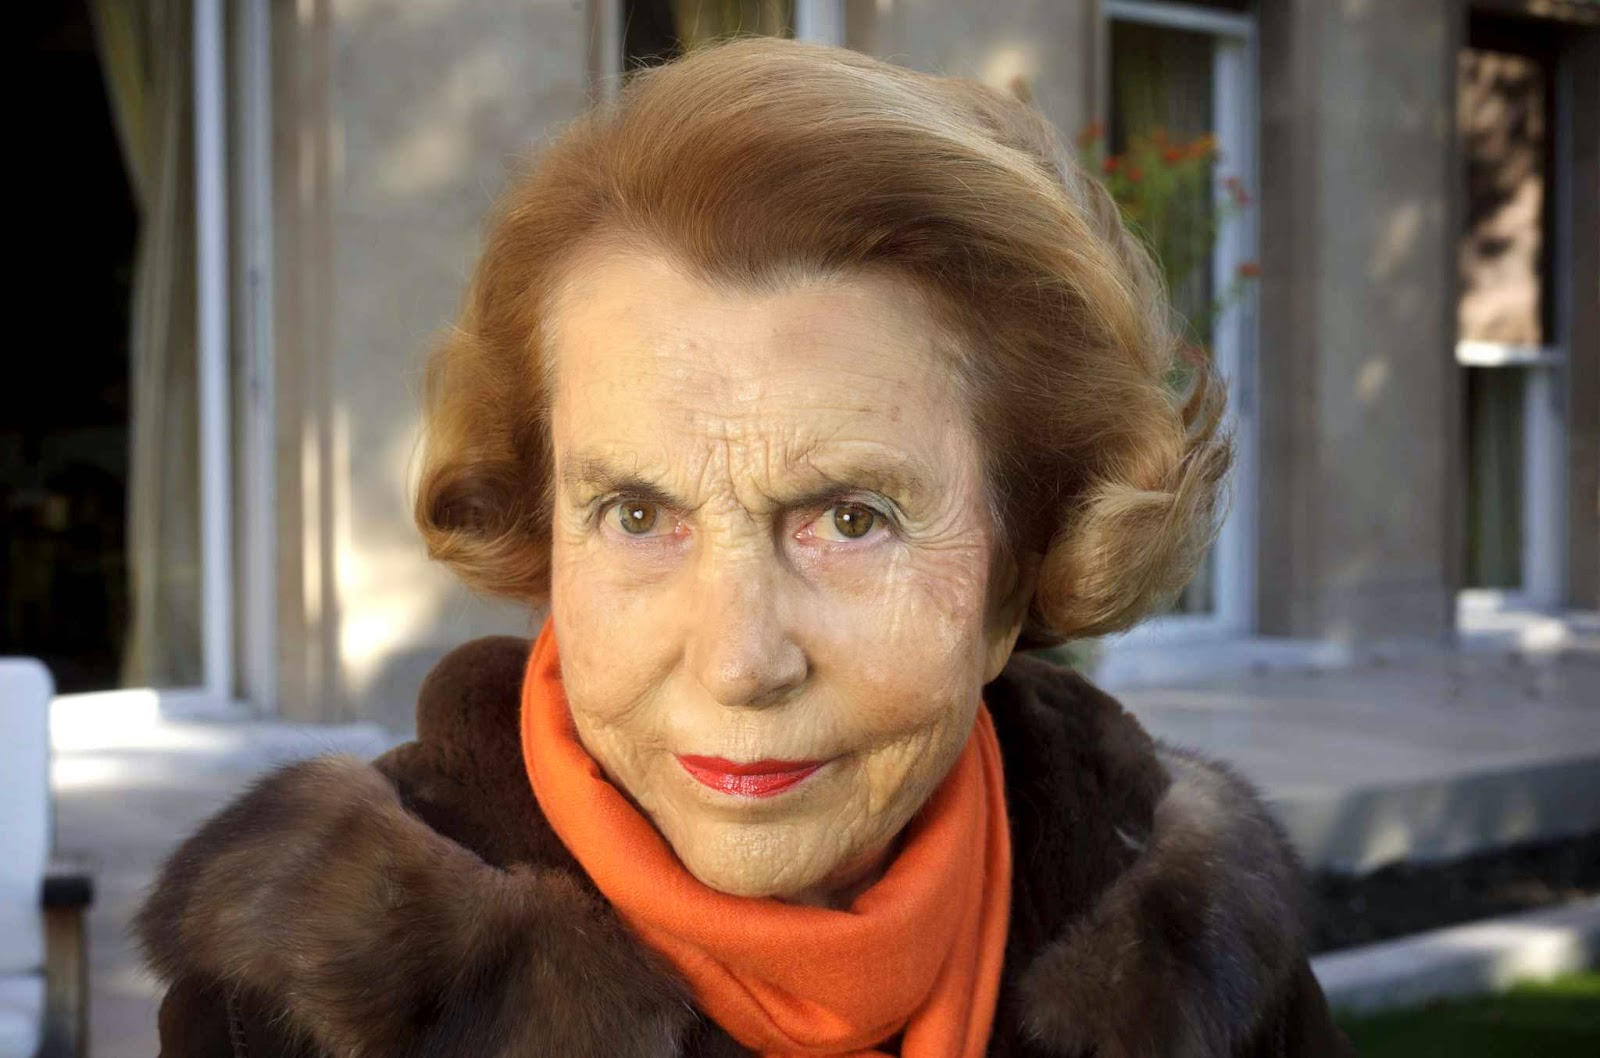 """<img src=""""http://3.bp.blogspot.com/-o9ocdSt4KA4/U5yjk4TDQBI/AAAAAAAAAP8/XTmY2e8844Y/s1600/liliane-bettencourt.jpg"""" alt=""""Richest Woman in the World"""" />"""